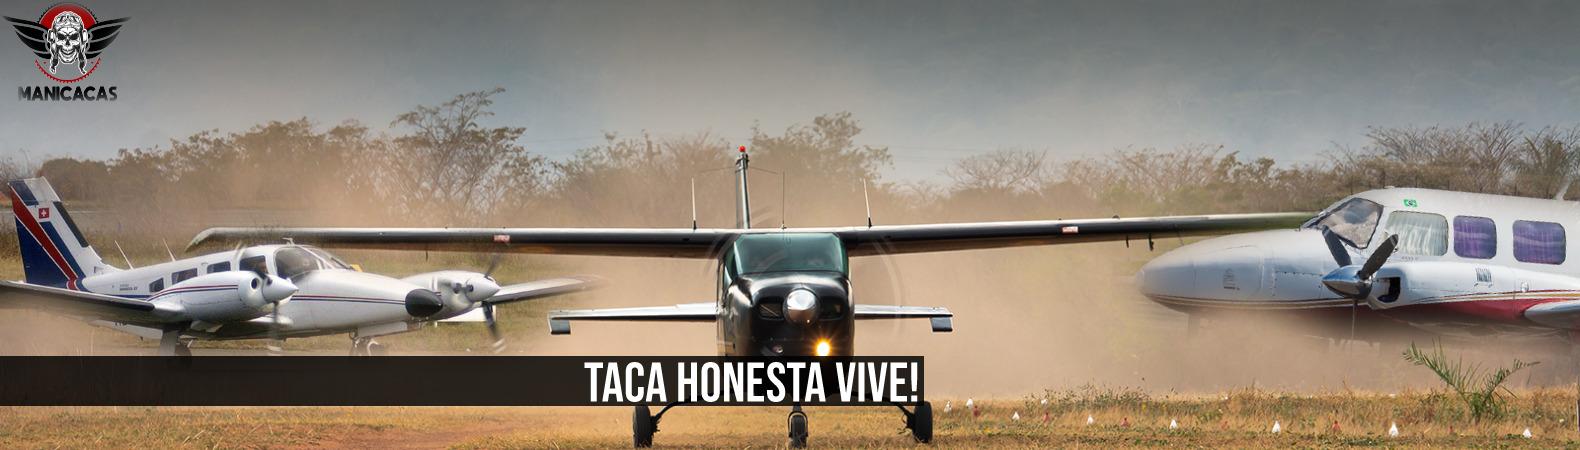 banner taca